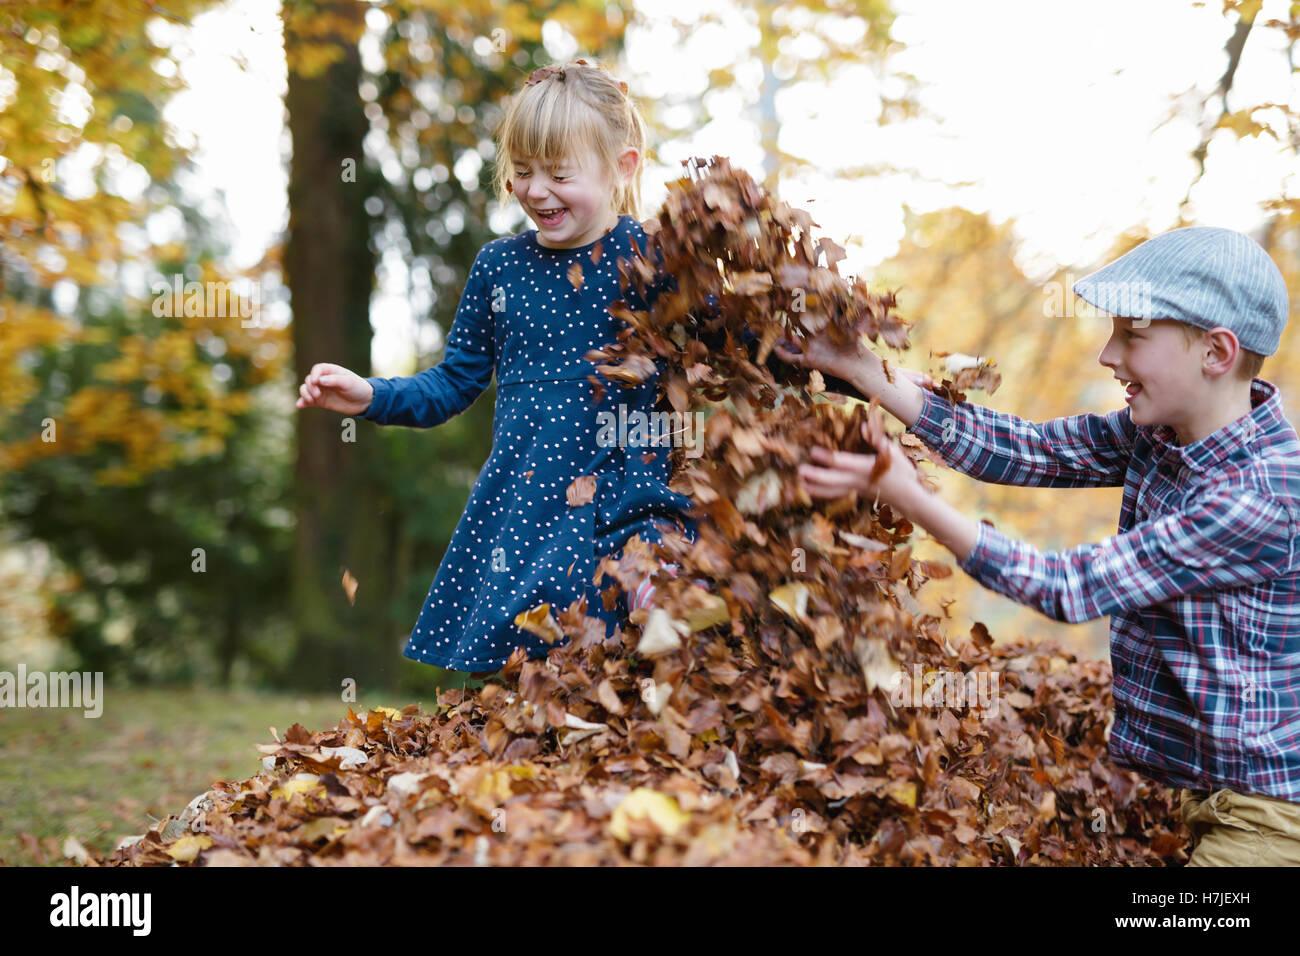 Feliz otoño. Dos niños jugando en el montón de hojas secas en otoño del parque. Foto de stock